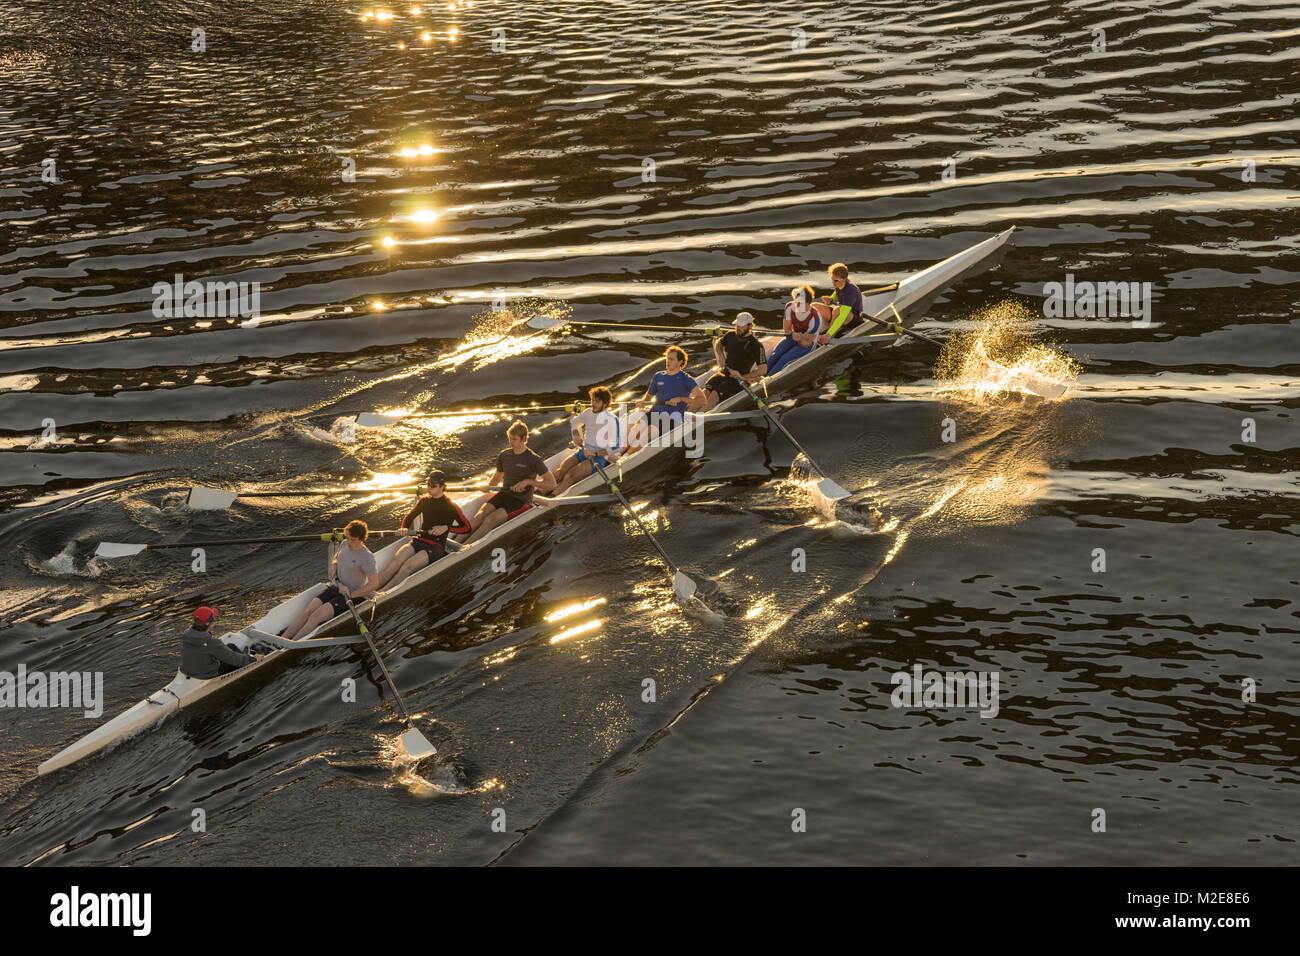 United States, Washington, Seattle, Racing shell on Lake Union - Stock Image